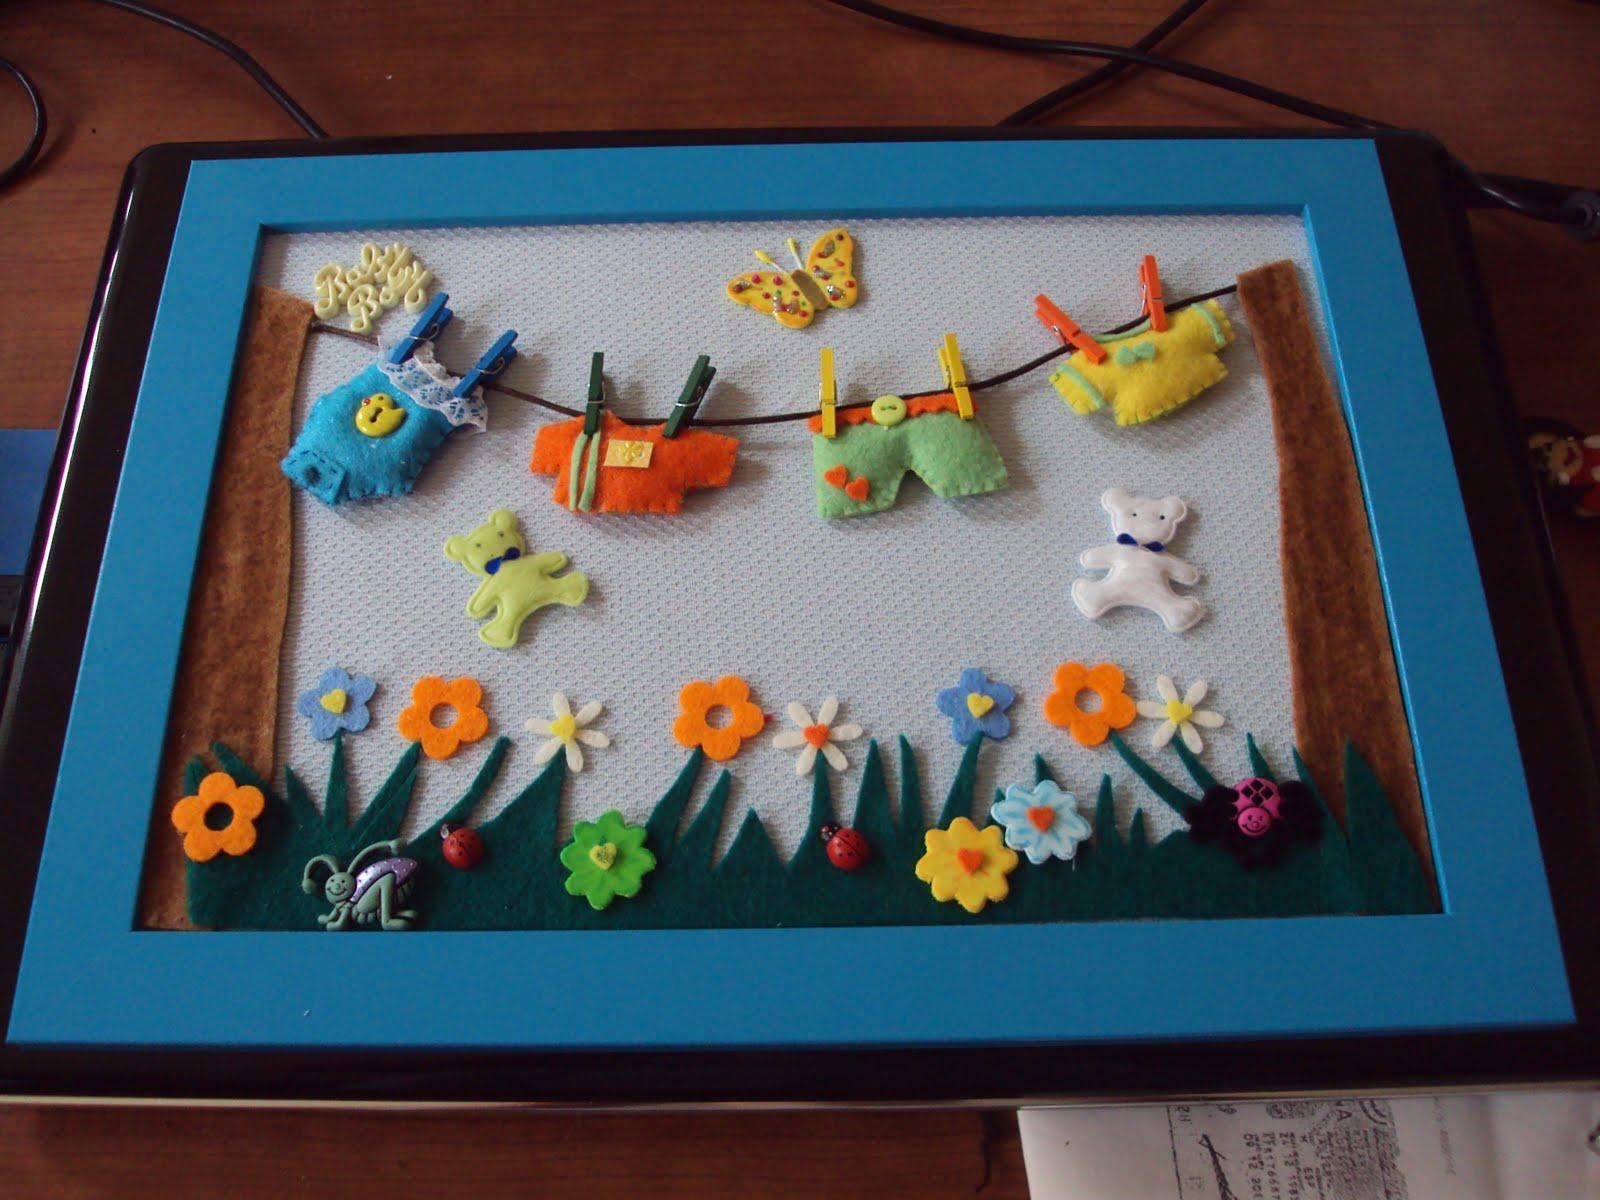 El ba l de viky cuadros infantiles personalizados - Cuadros para ninos personalizados ...